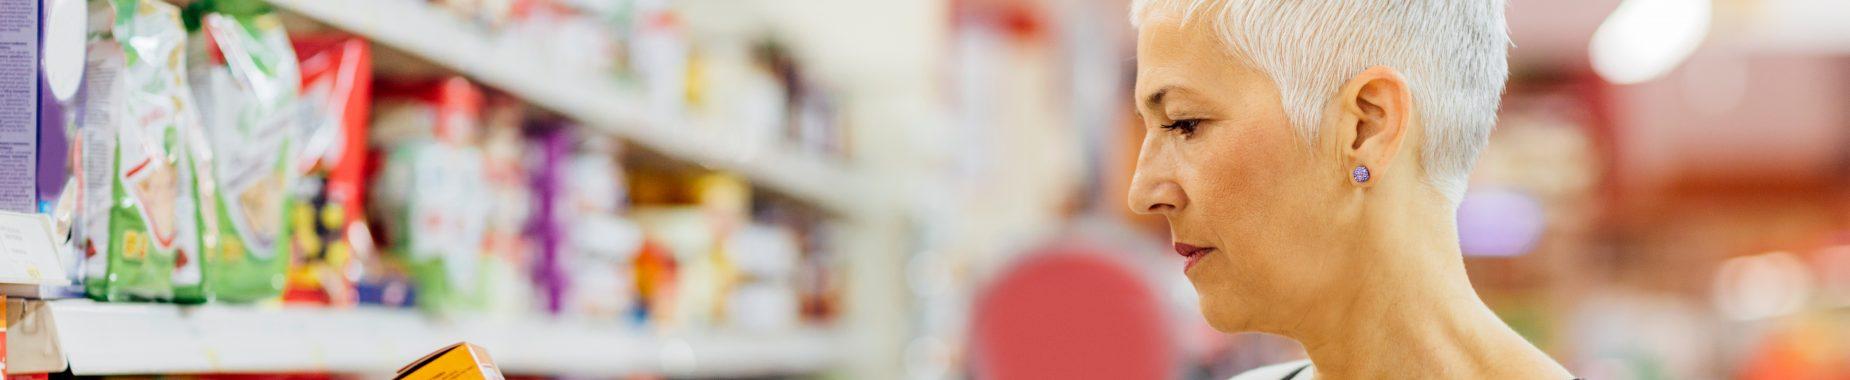 Kvinde kigger på vareindholdet på en fødevarer for at tjekke hvad der er sunde fødevarer til mennesker med diabetes